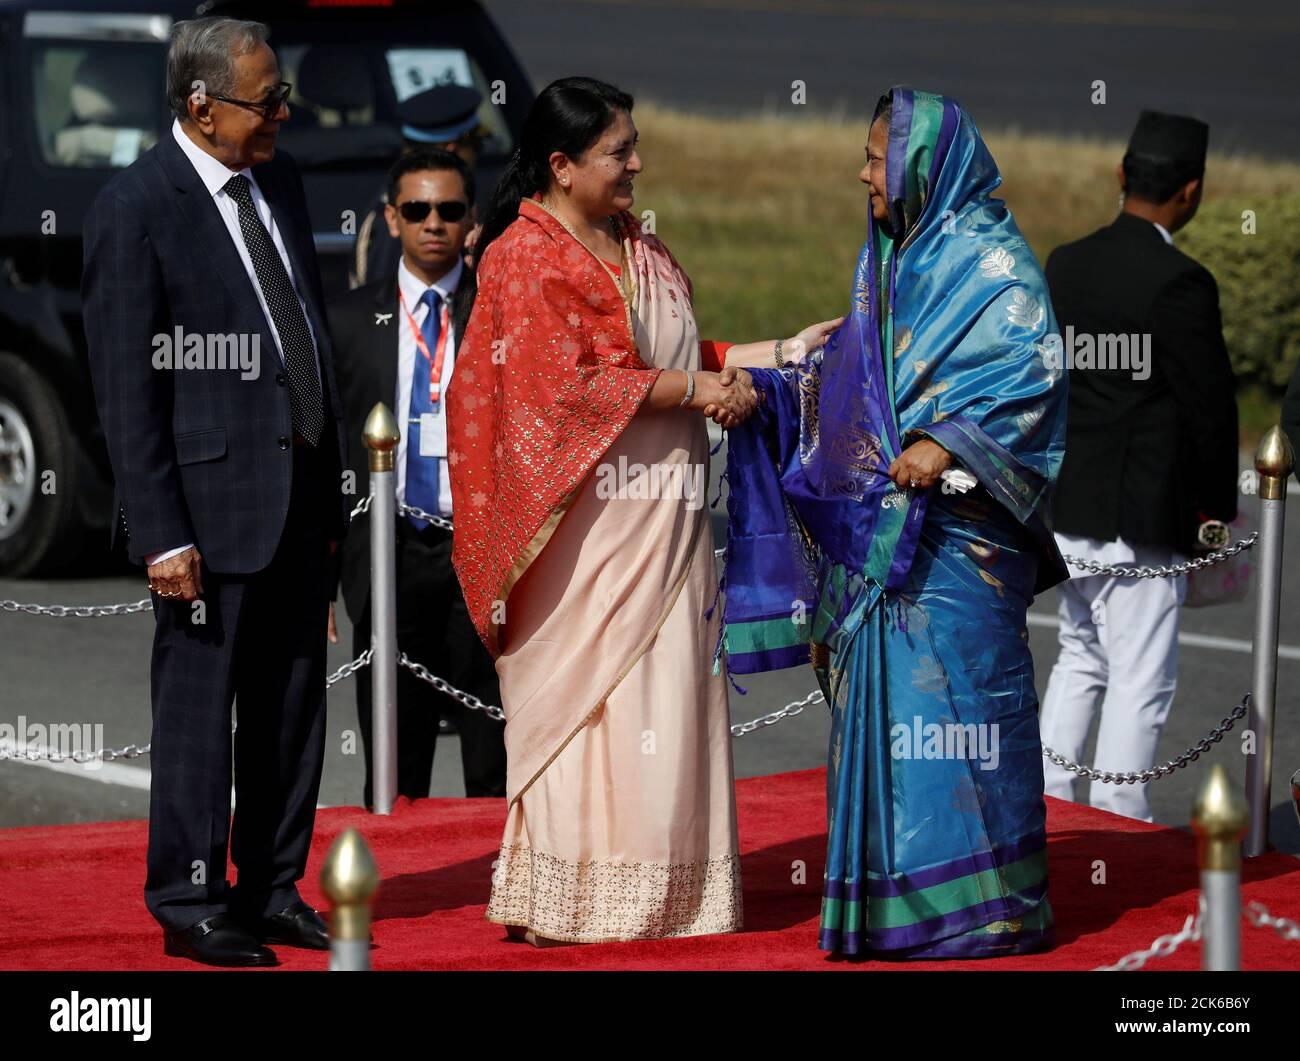 Bidhya Devi Bhandari, président du Népal, se met en présence de la première dame du Bangladesh, Rashida Hamid, près du président du Bangladesh, Abdul Hamid, à leur arrivée à l'aéroport international de Tribhuvan à Katmandou, au Népal, le 12 novembre 2019. REUTERS/Navesh Chitrakar/Pool Banque D'Images